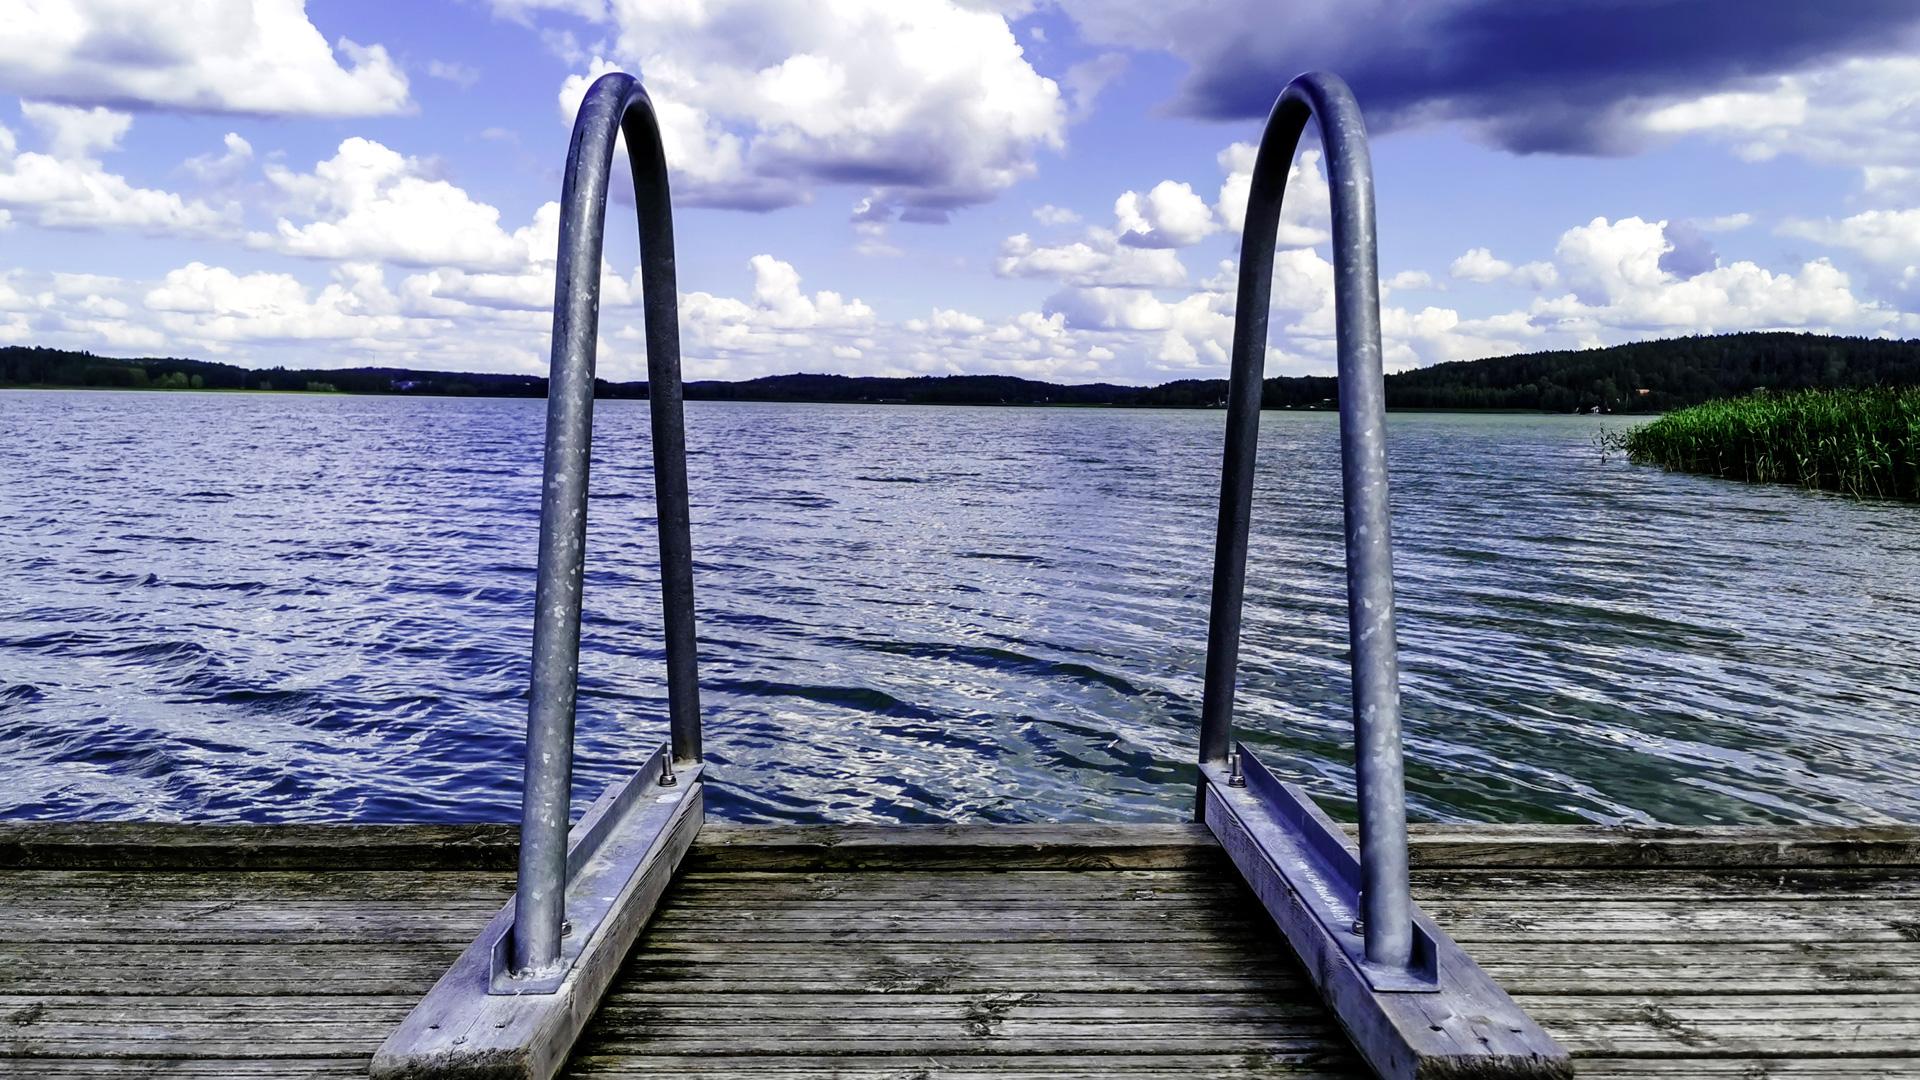 Laituri ja portaat veteen